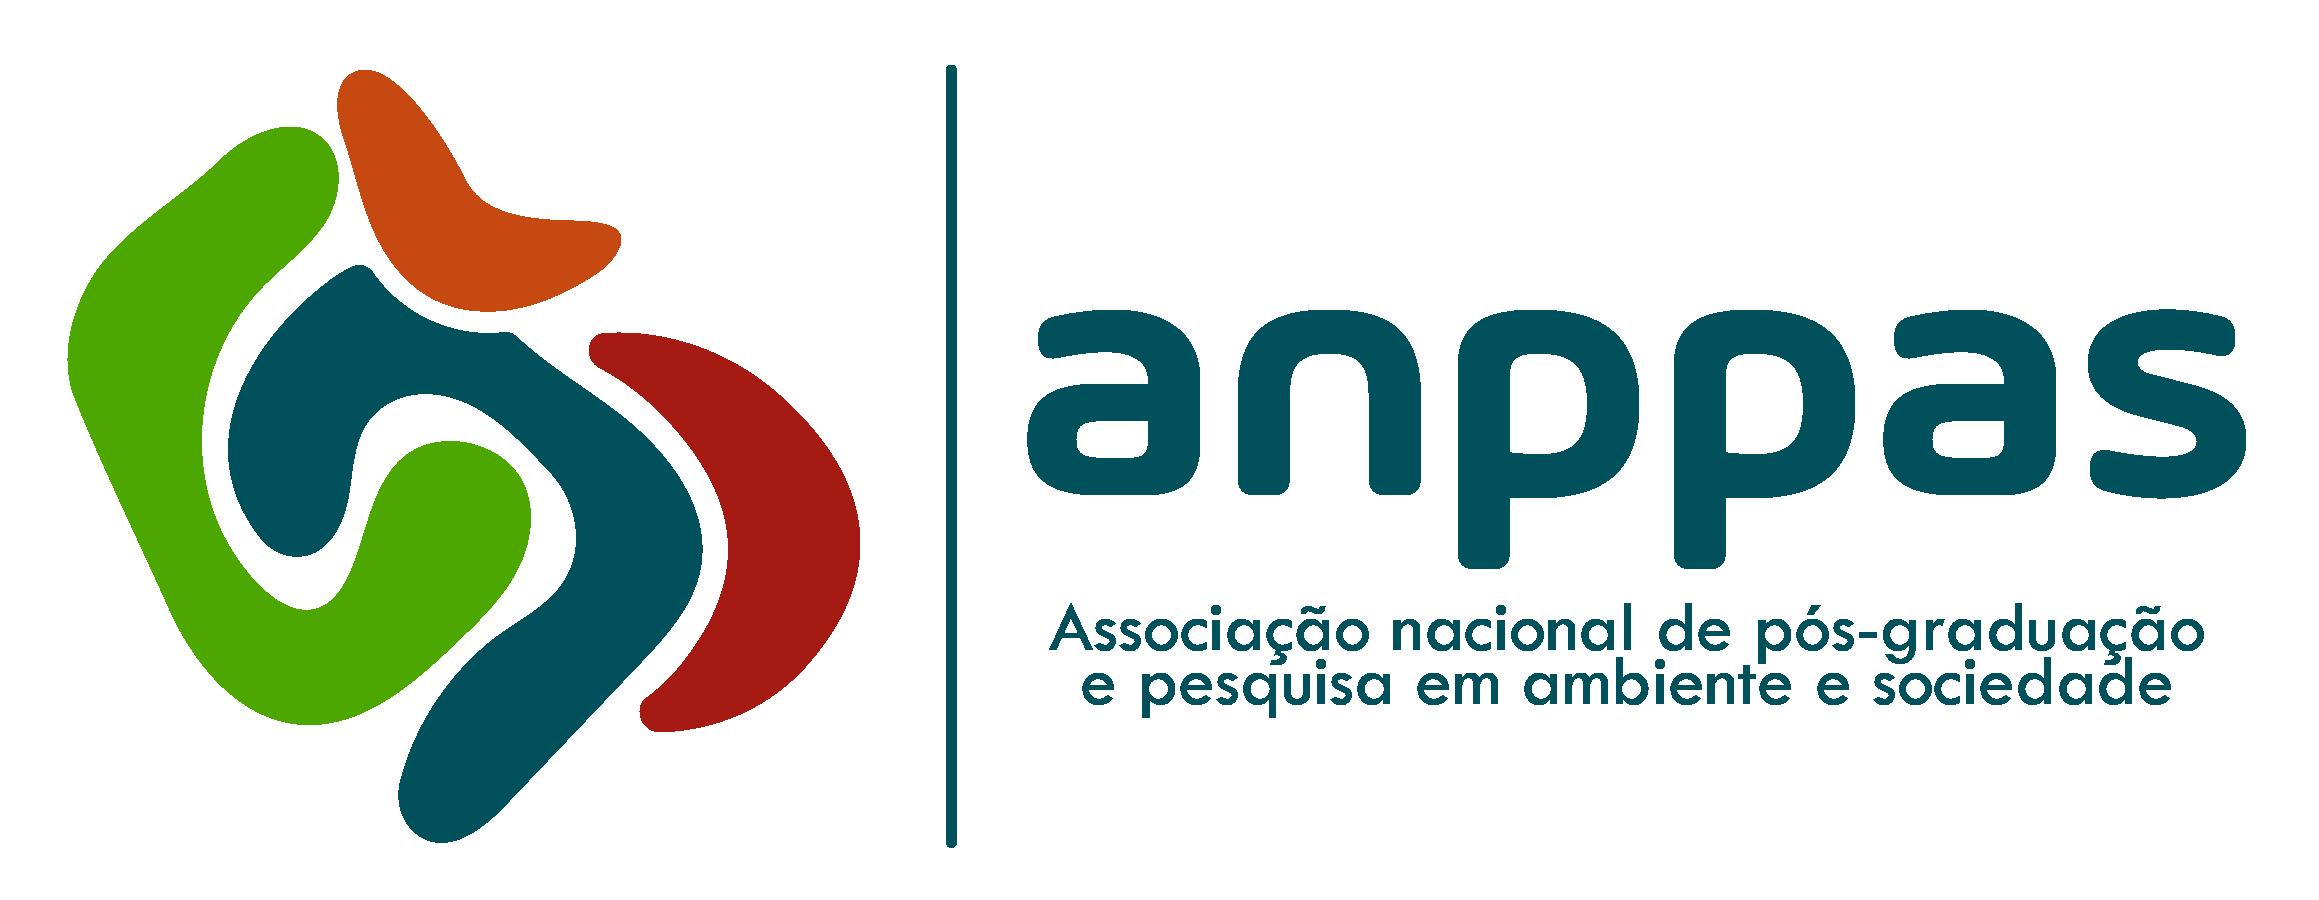 ANPPAS Associação Nacional de Pós-Graduação e Pesquisa em Ambiente e Sociedade